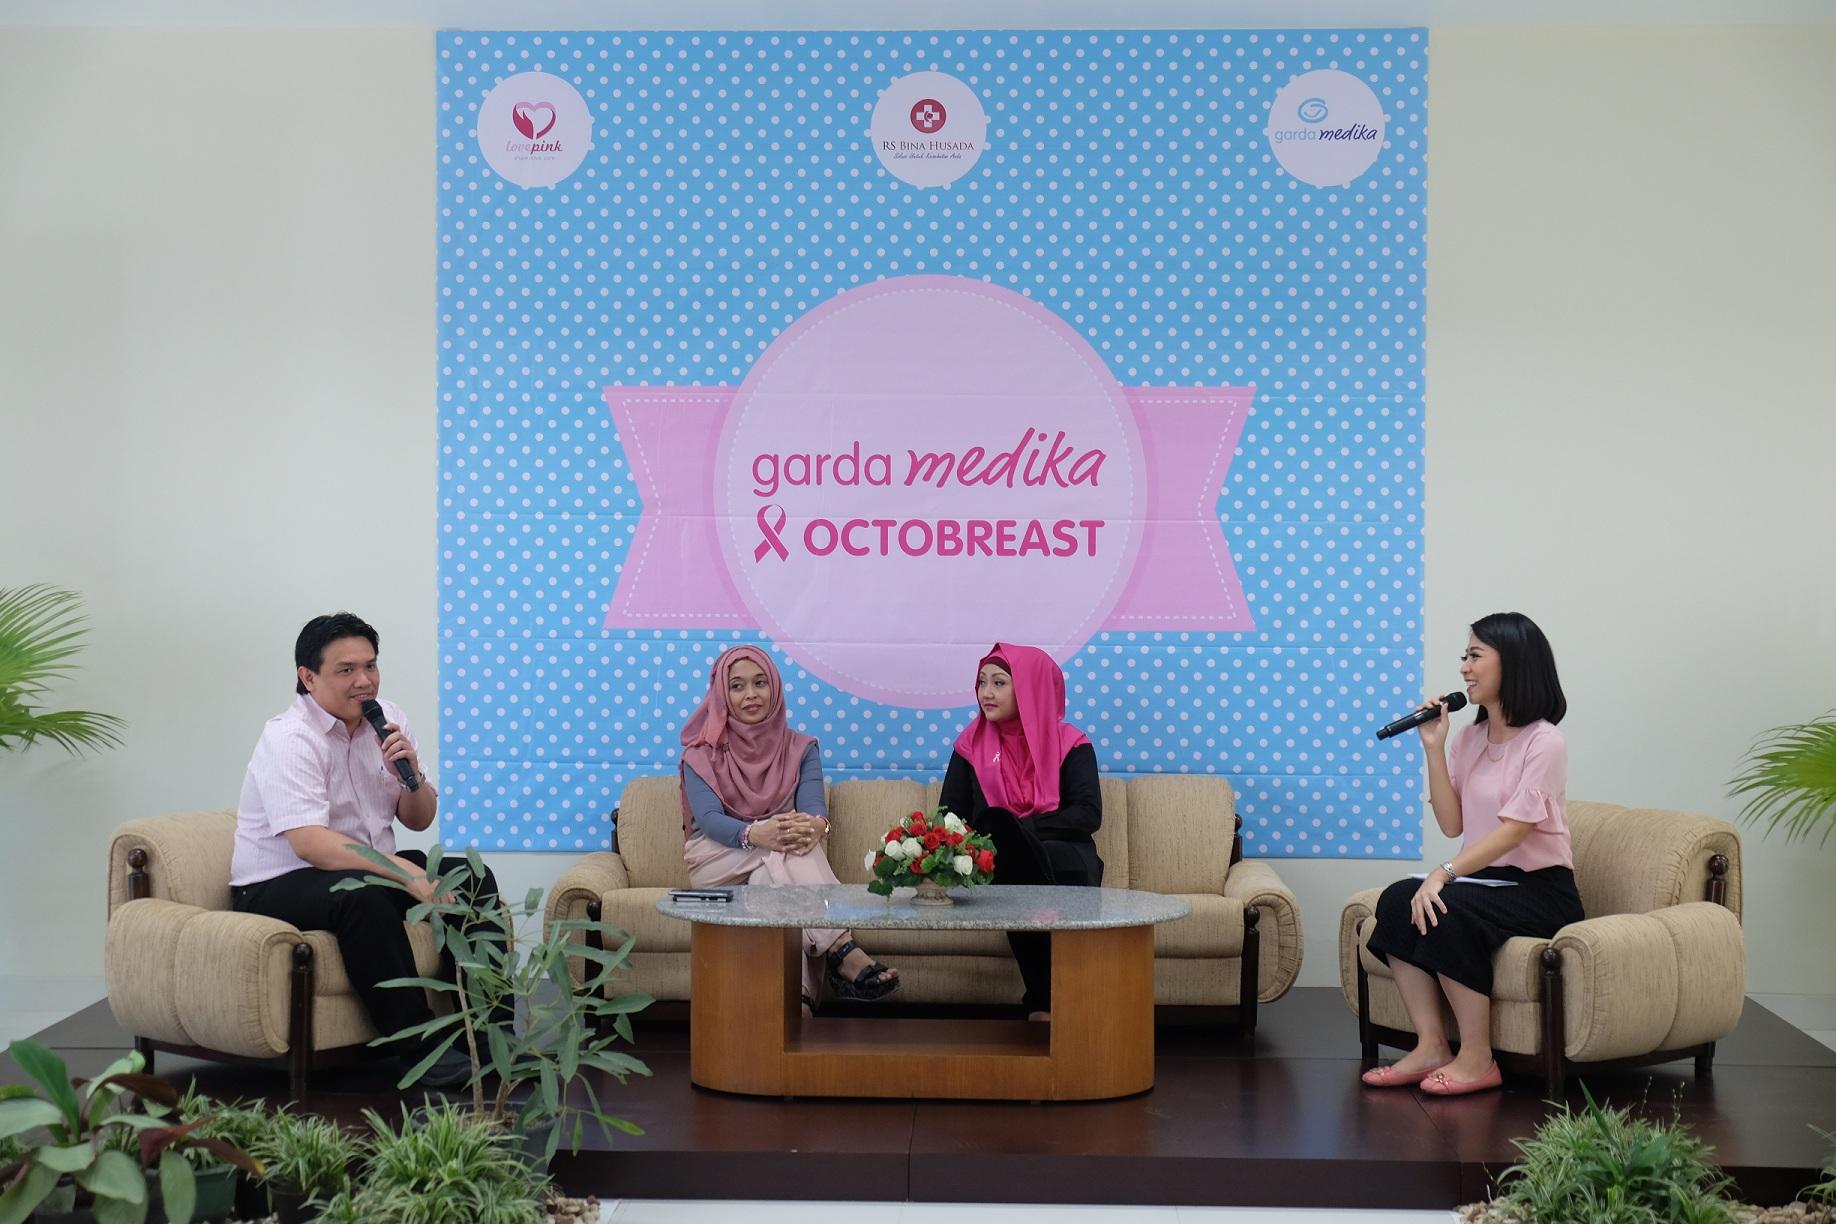 Dokter onkologi rumah sakit terkait dan survivor kanker payudara dari Lovepink menjadi narasumber seminar